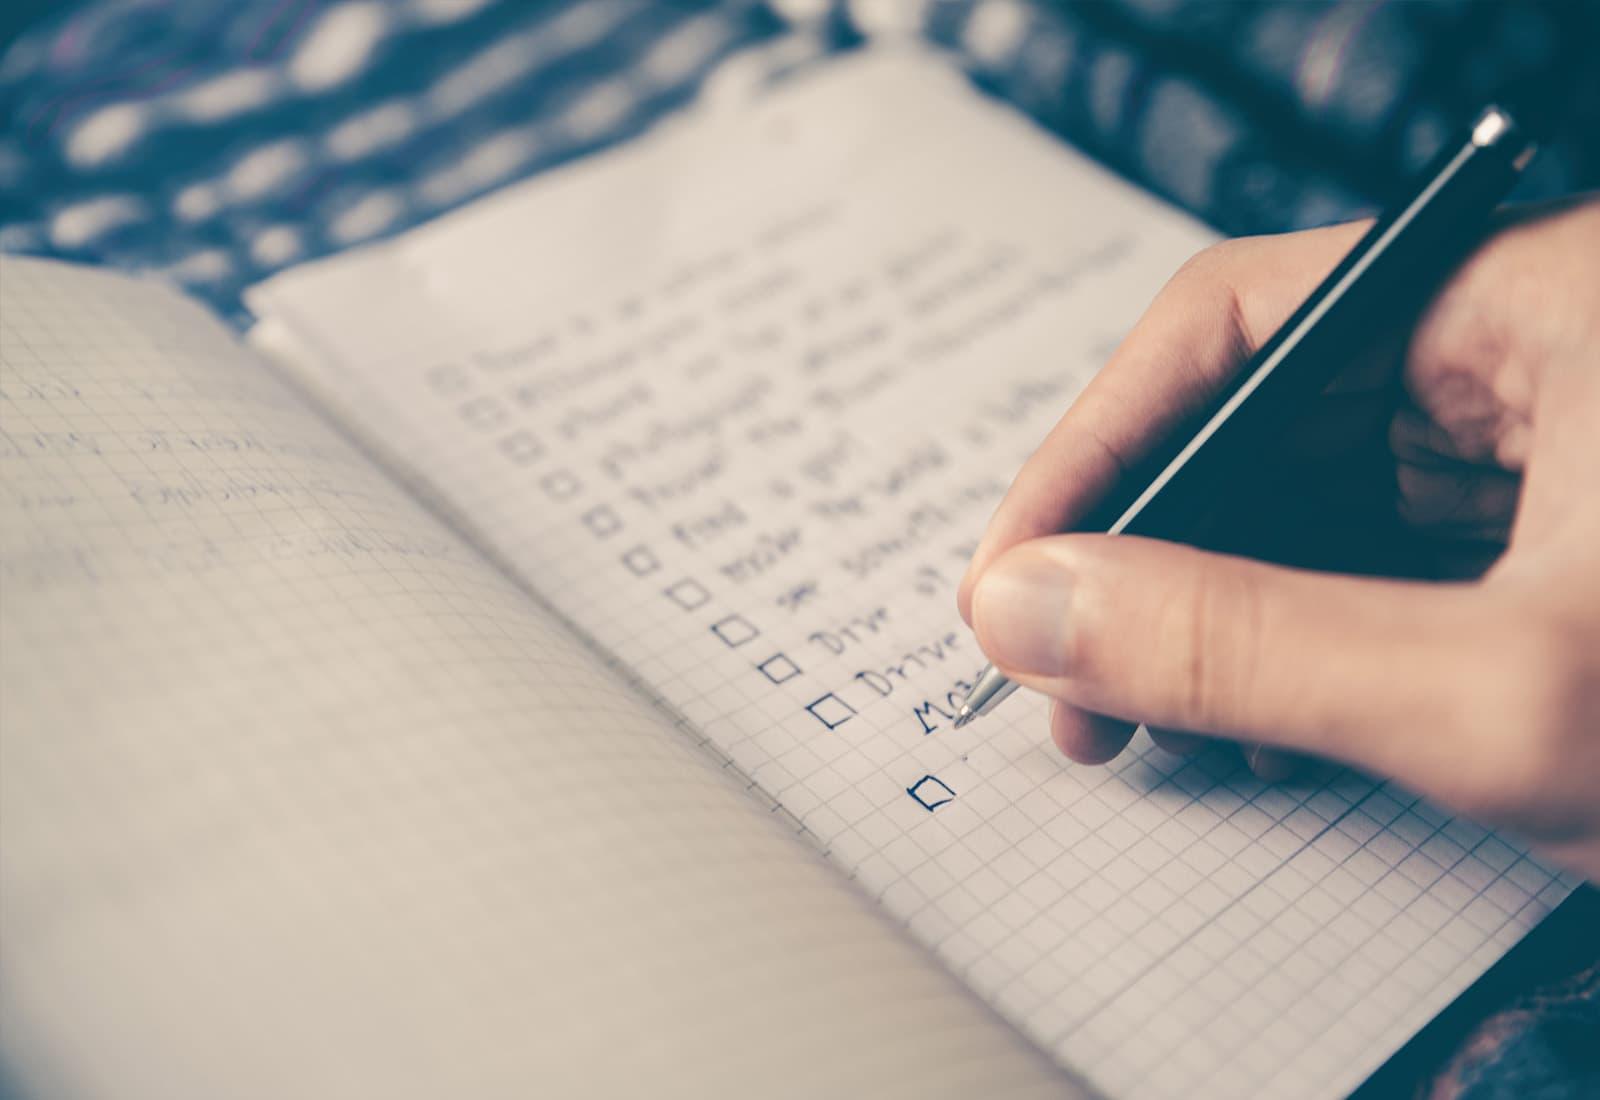 Warum verpuffen gute Vorsätze? Wie kann man gute Vorhaben auch tatsächlich einhalten?